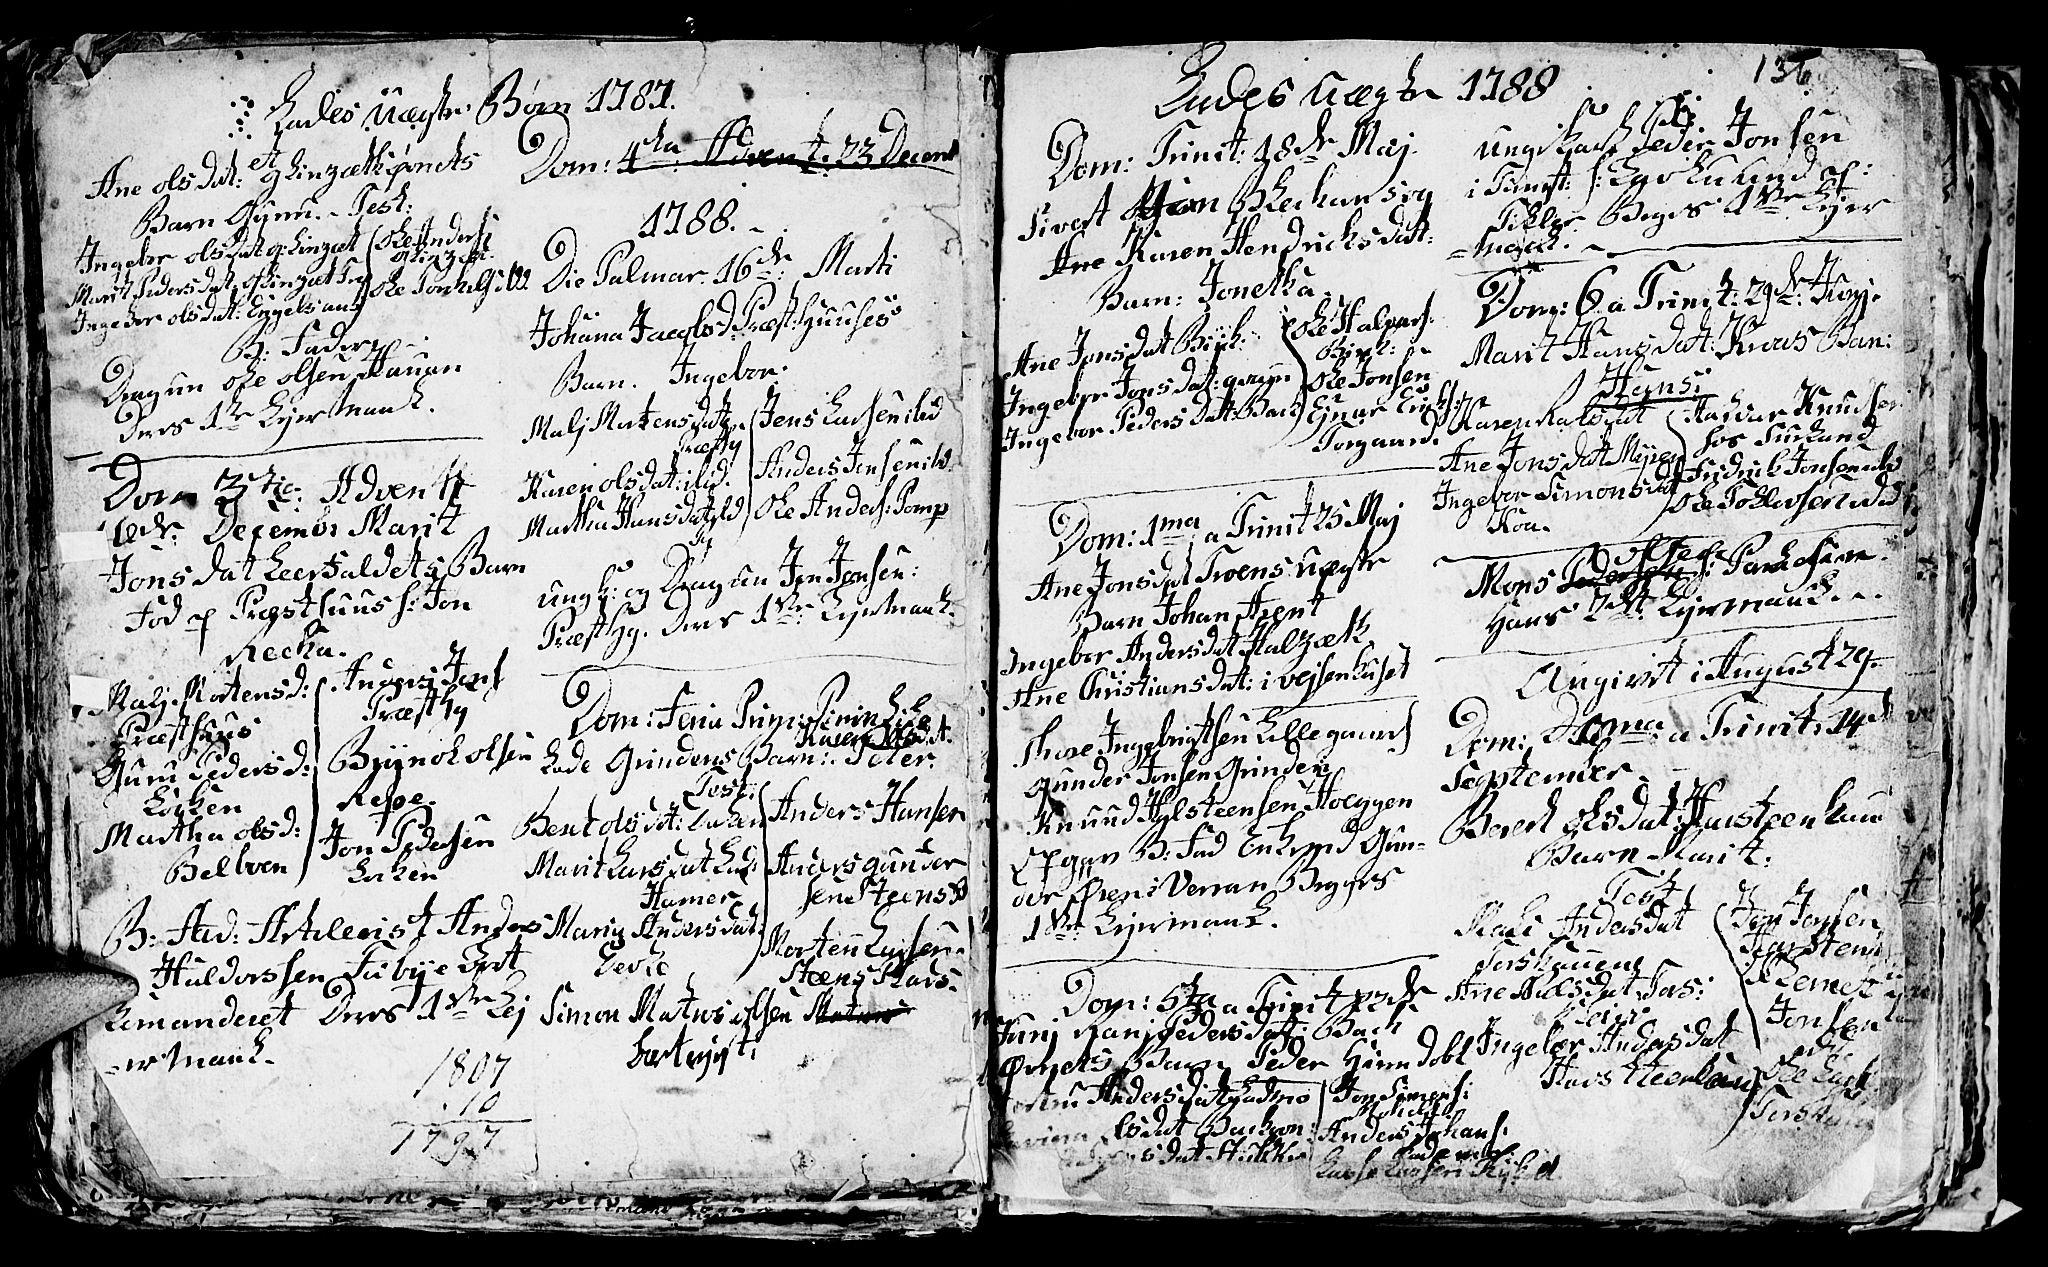 SAT, Ministerialprotokoller, klokkerbøker og fødselsregistre - Sør-Trøndelag, 606/L0305: Klokkerbok nr. 606C01, 1757-1819, s. 136